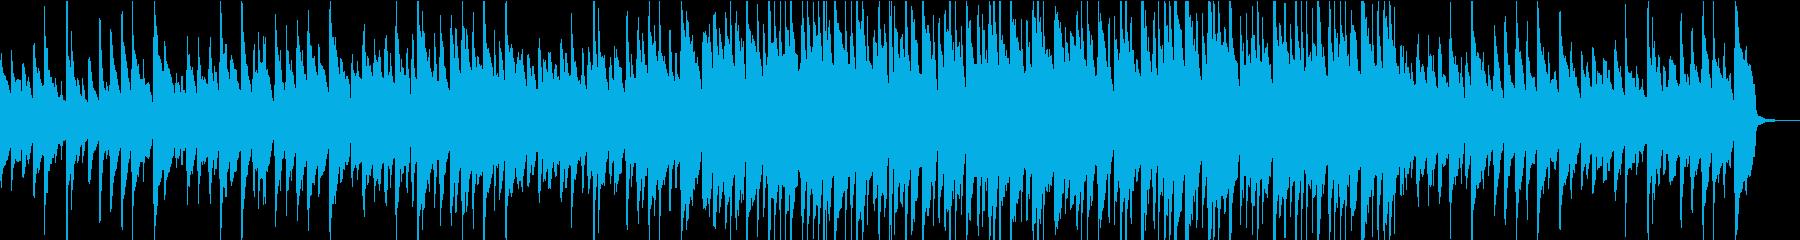 Happy Musicの再生済みの波形